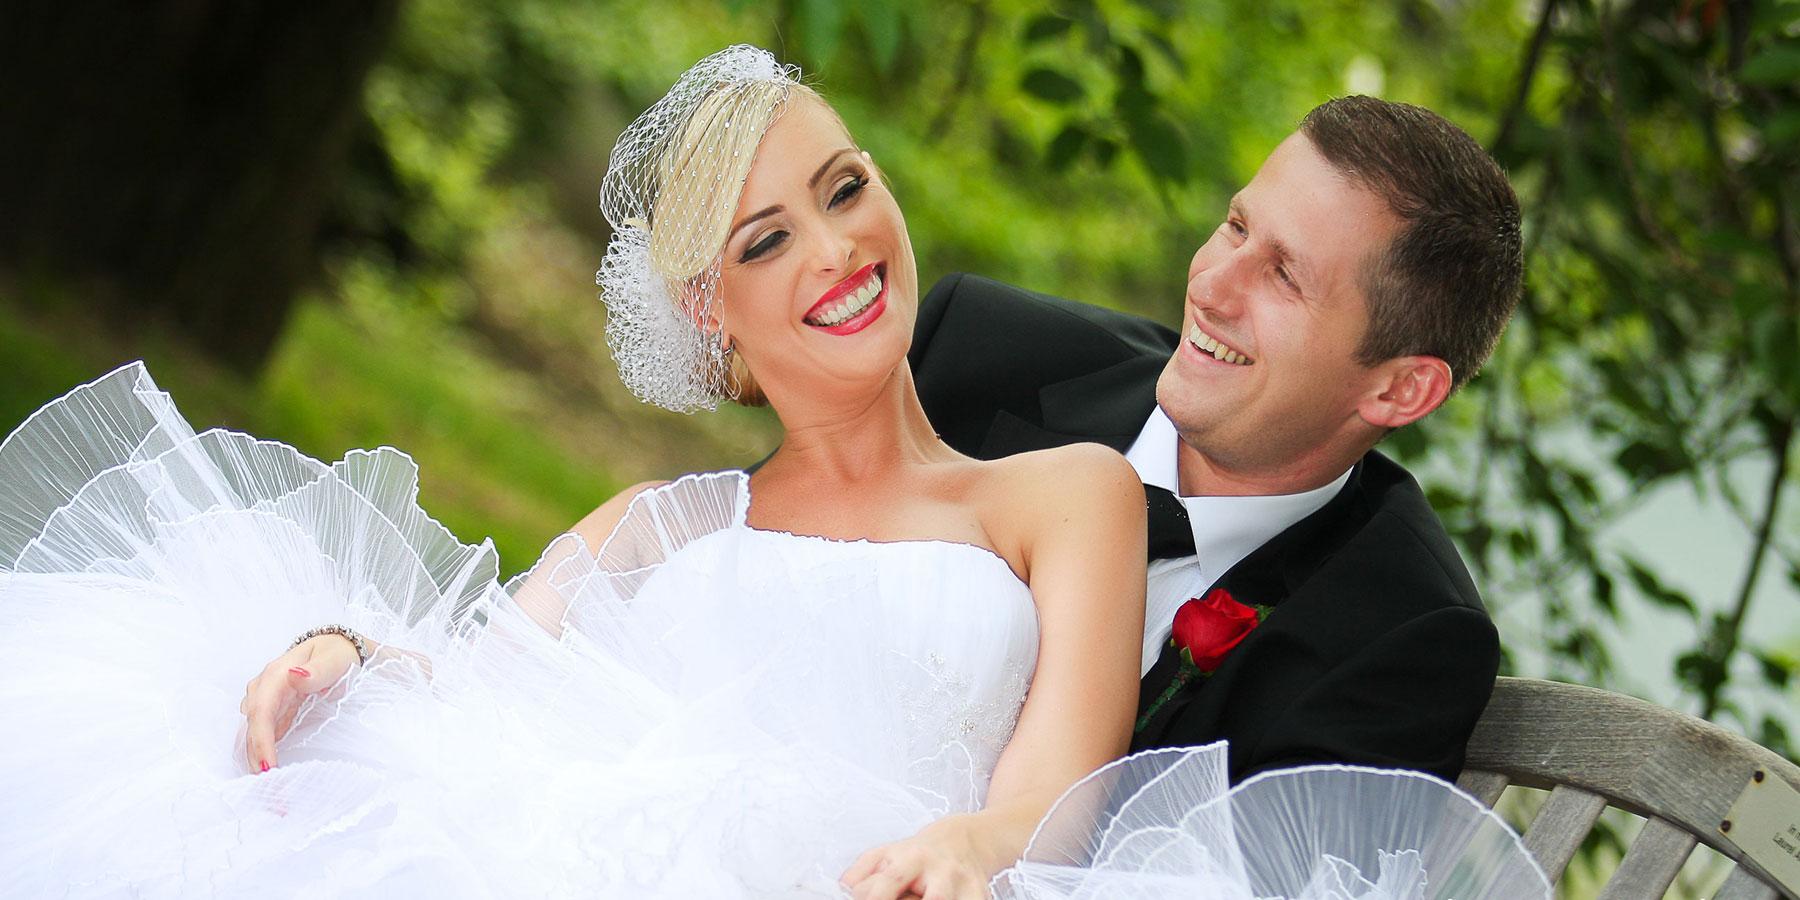 Подготовка к свадьбе  - какой должна быть свадьба в Москве?